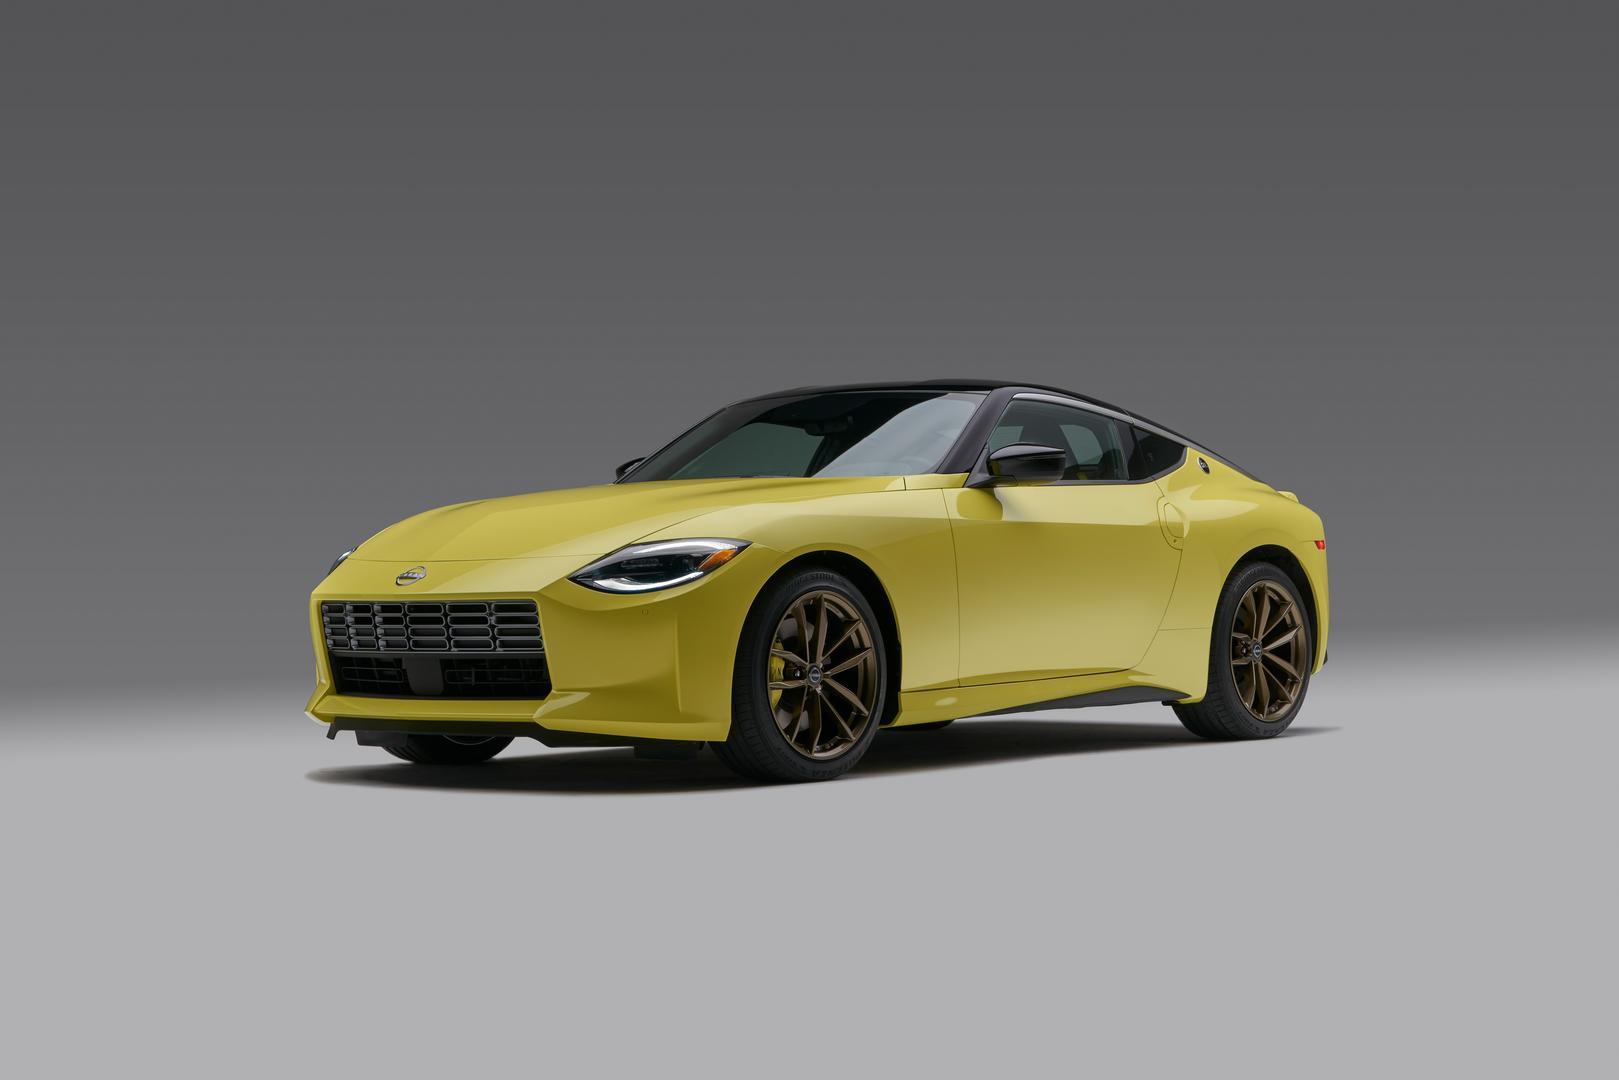 Ikazuchi Yellow 2022 Nissan Z